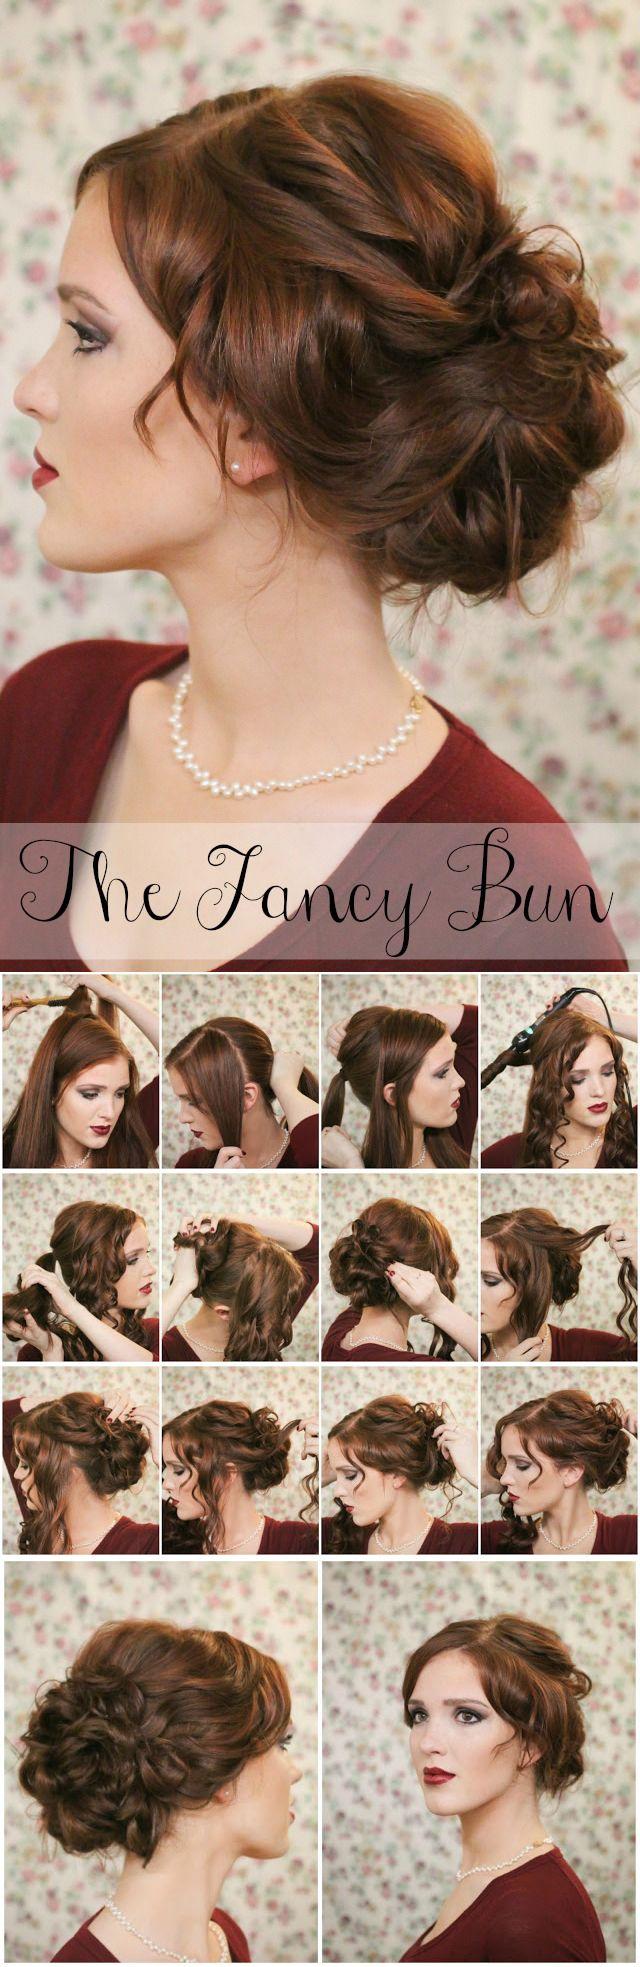 pretty simple bun hairstyles tutorials for hair